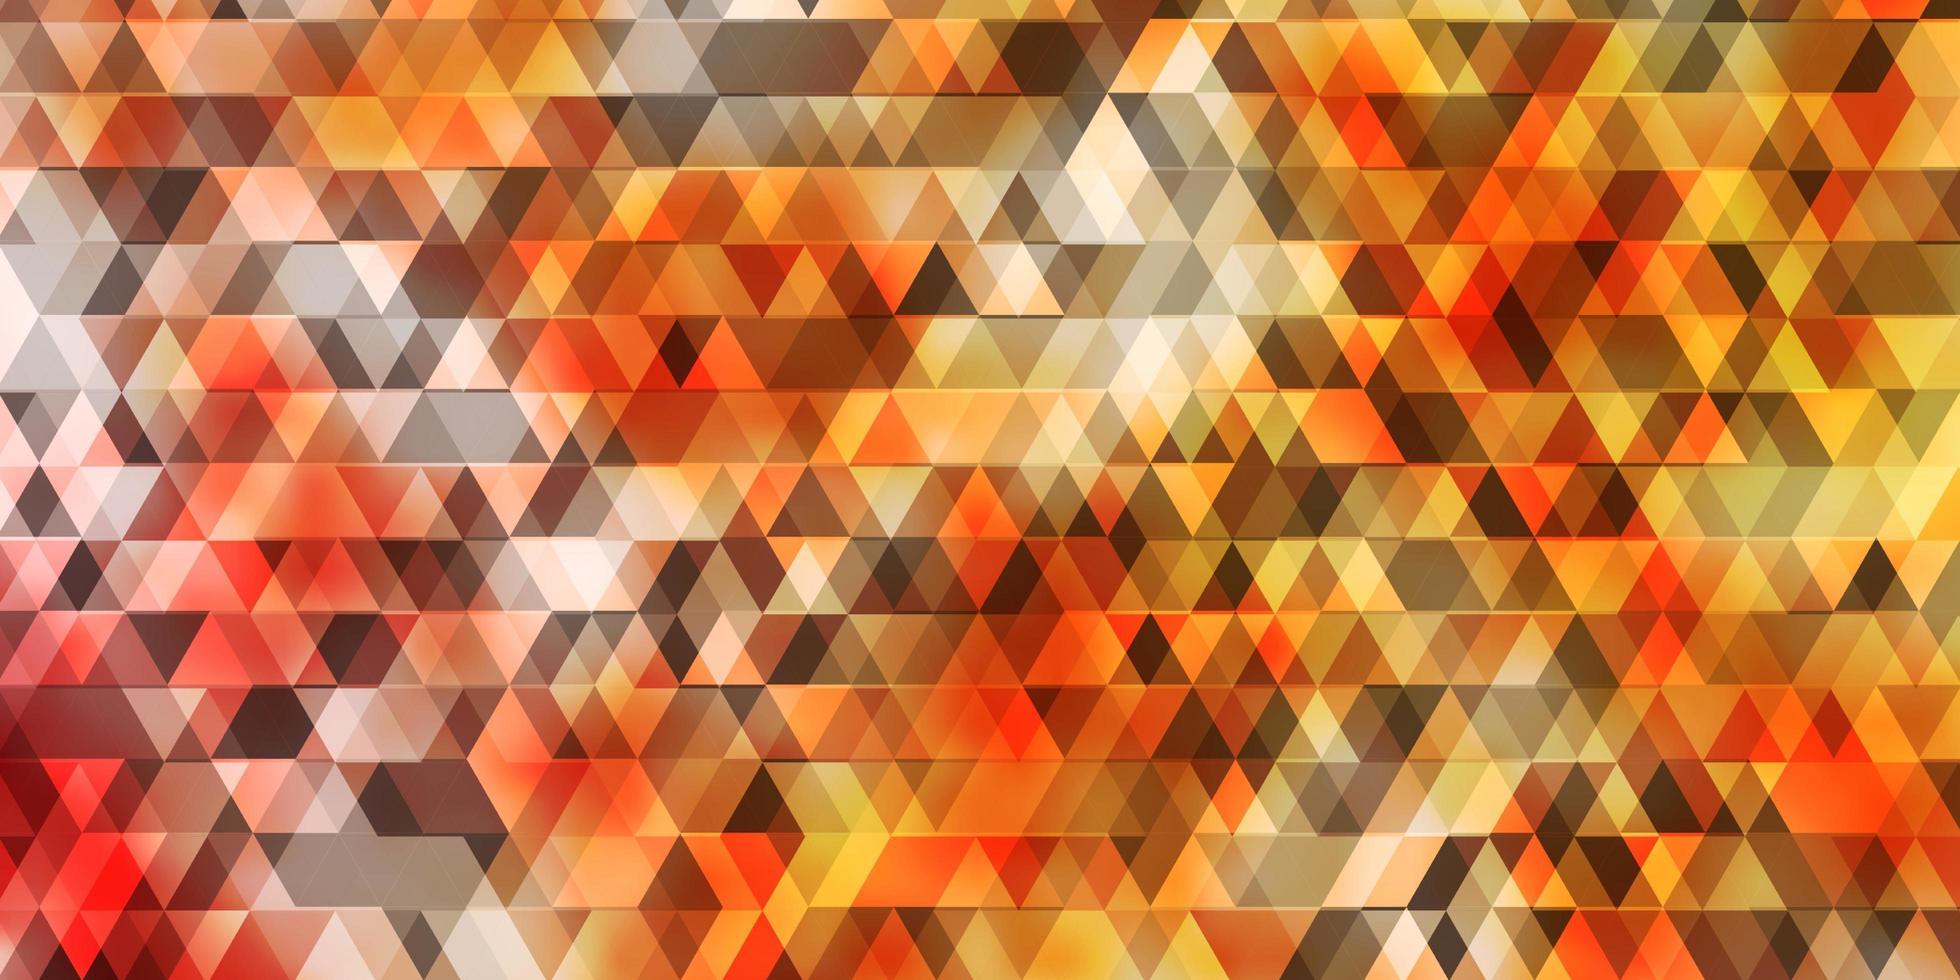 Fondo de vector naranja claro con líneas, triángulos.